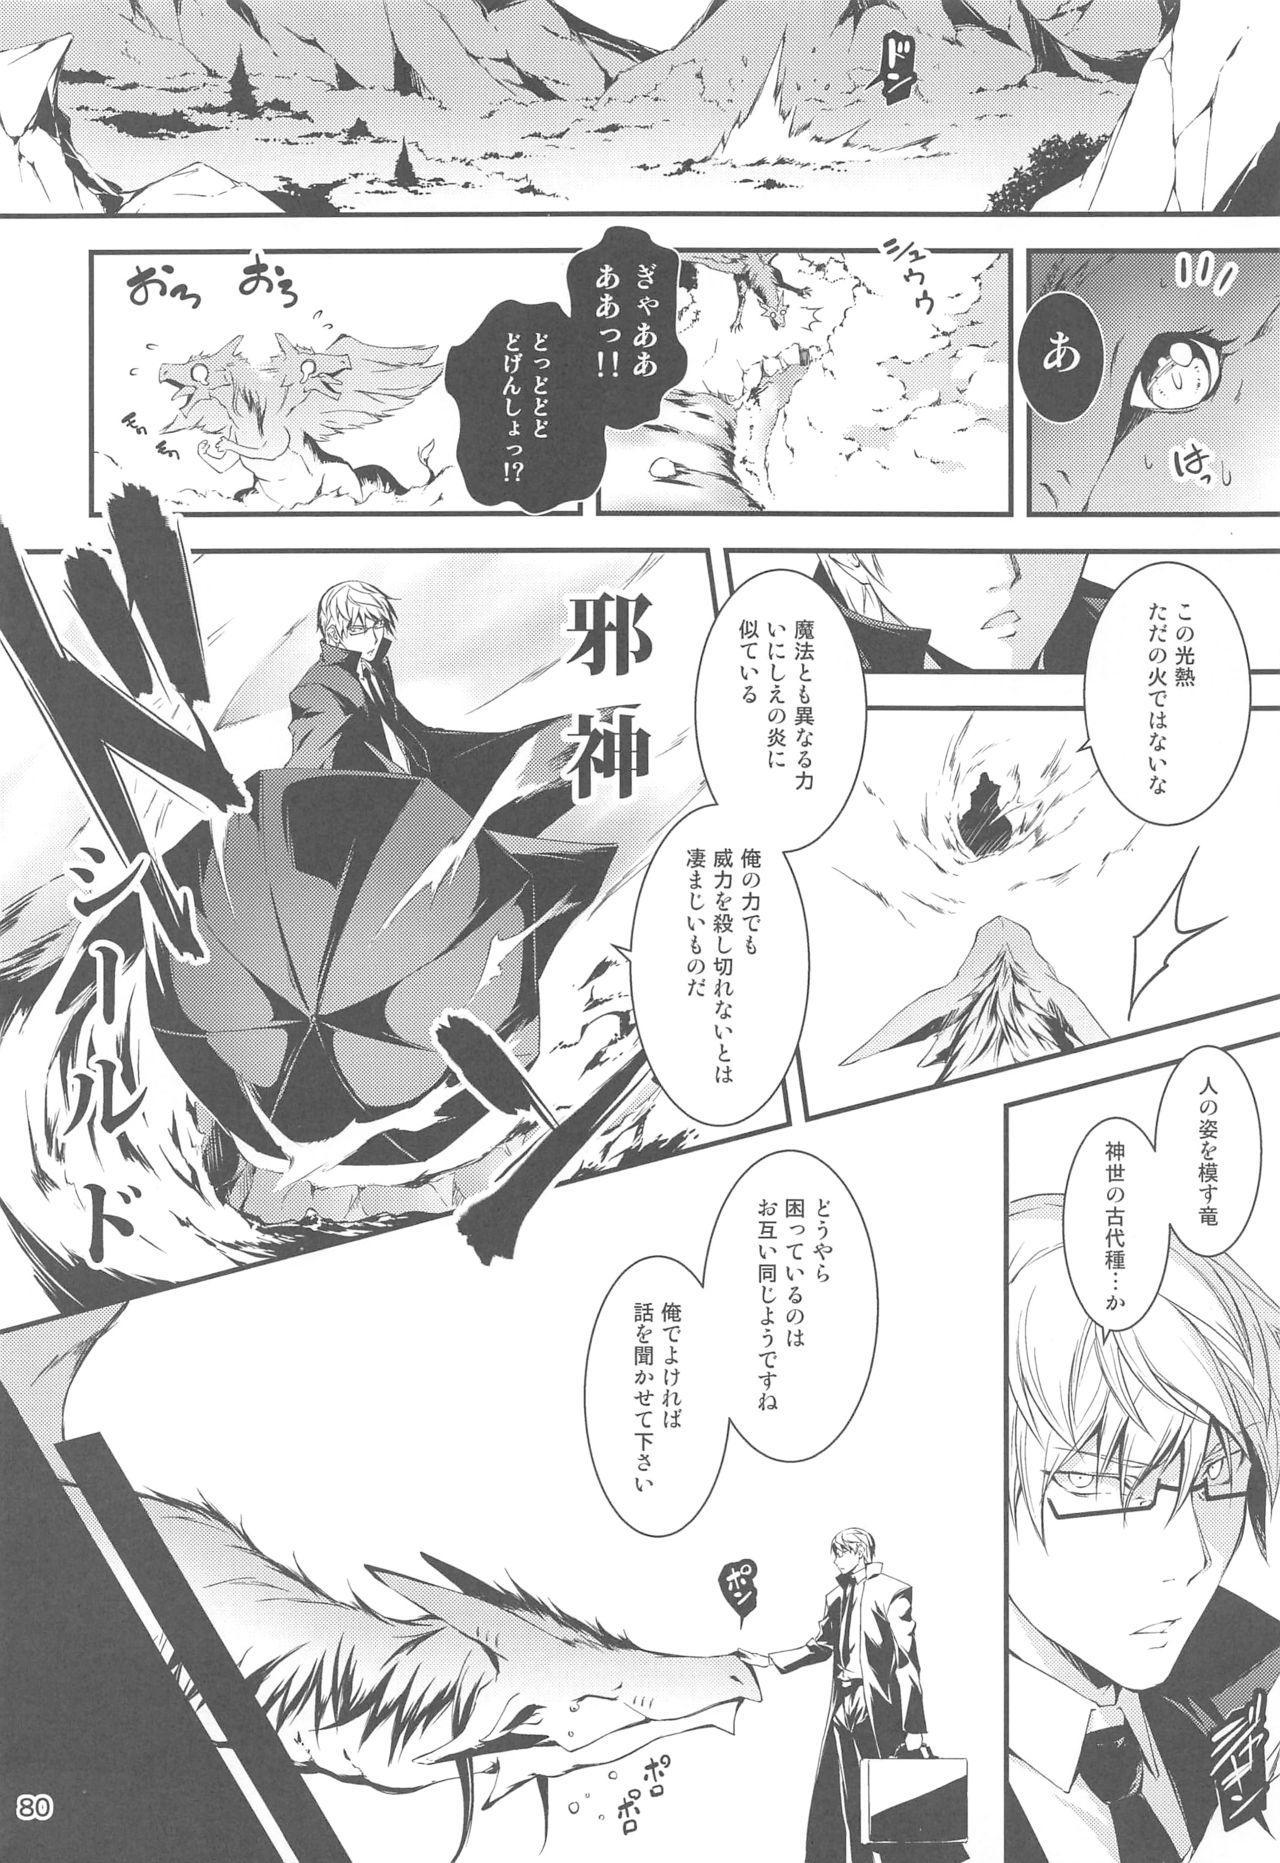 Ryman Fantasy Kuro no Ryman Soushuuhen 78